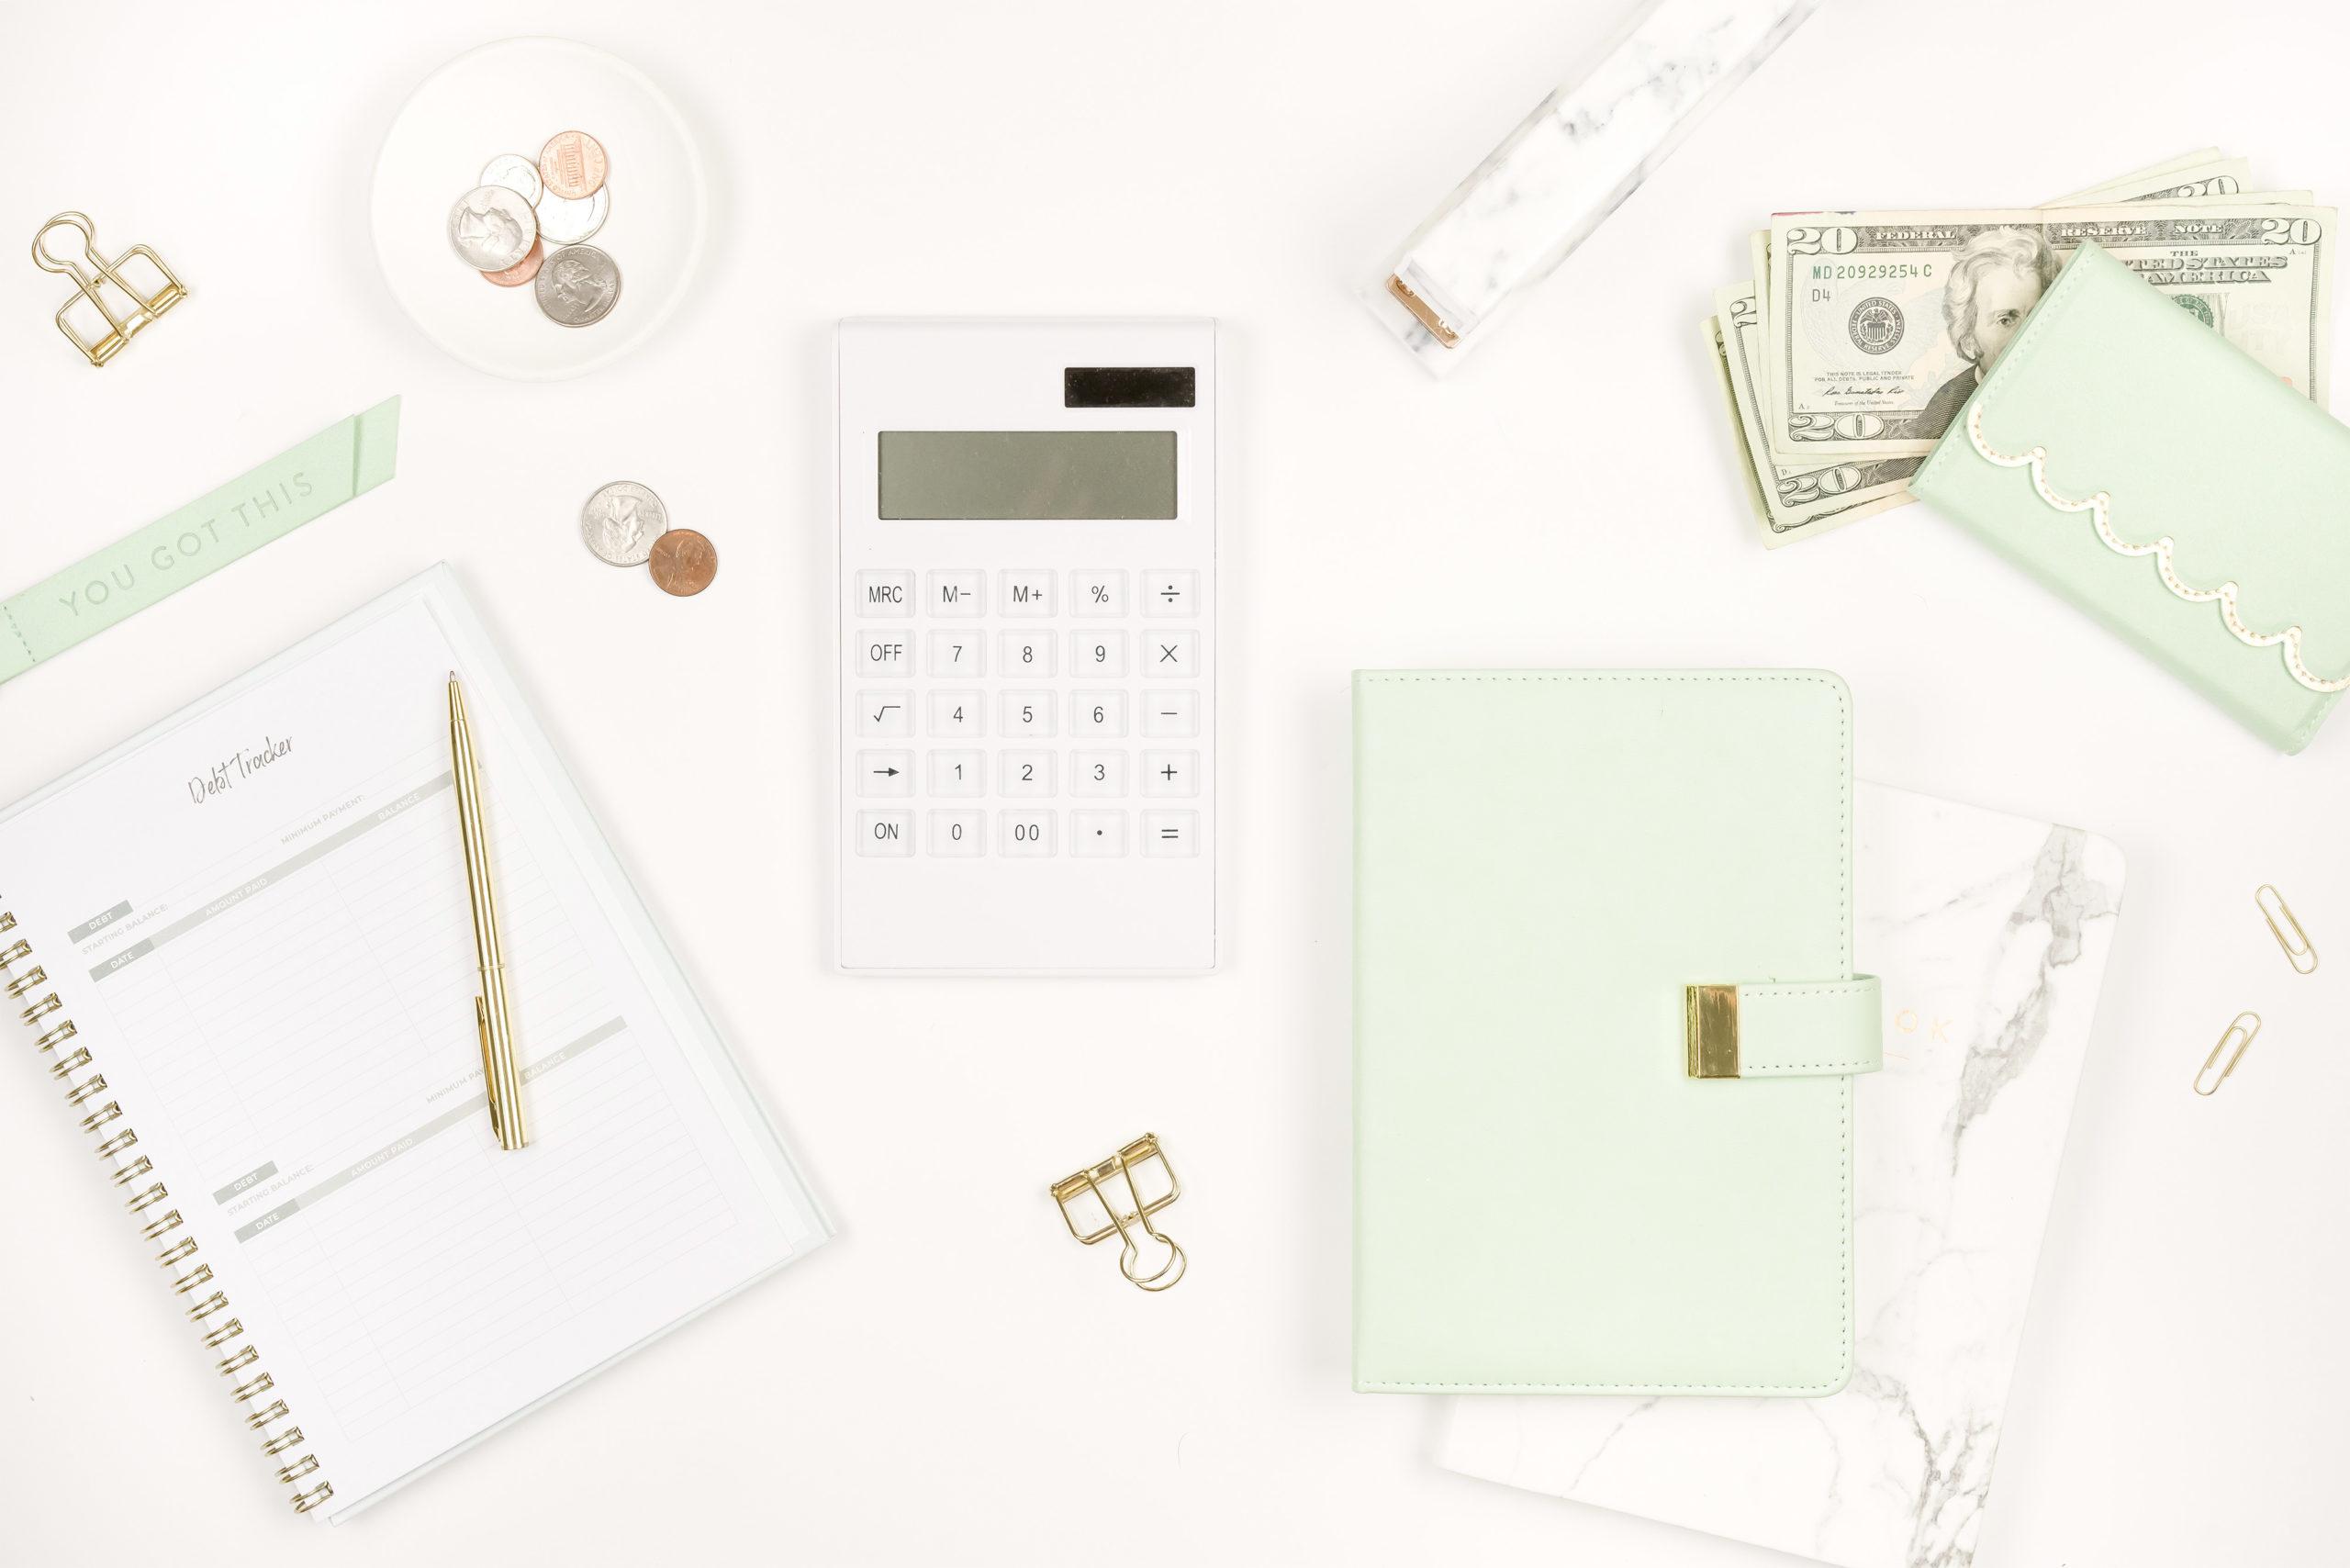 Como me livrar das dívidas?